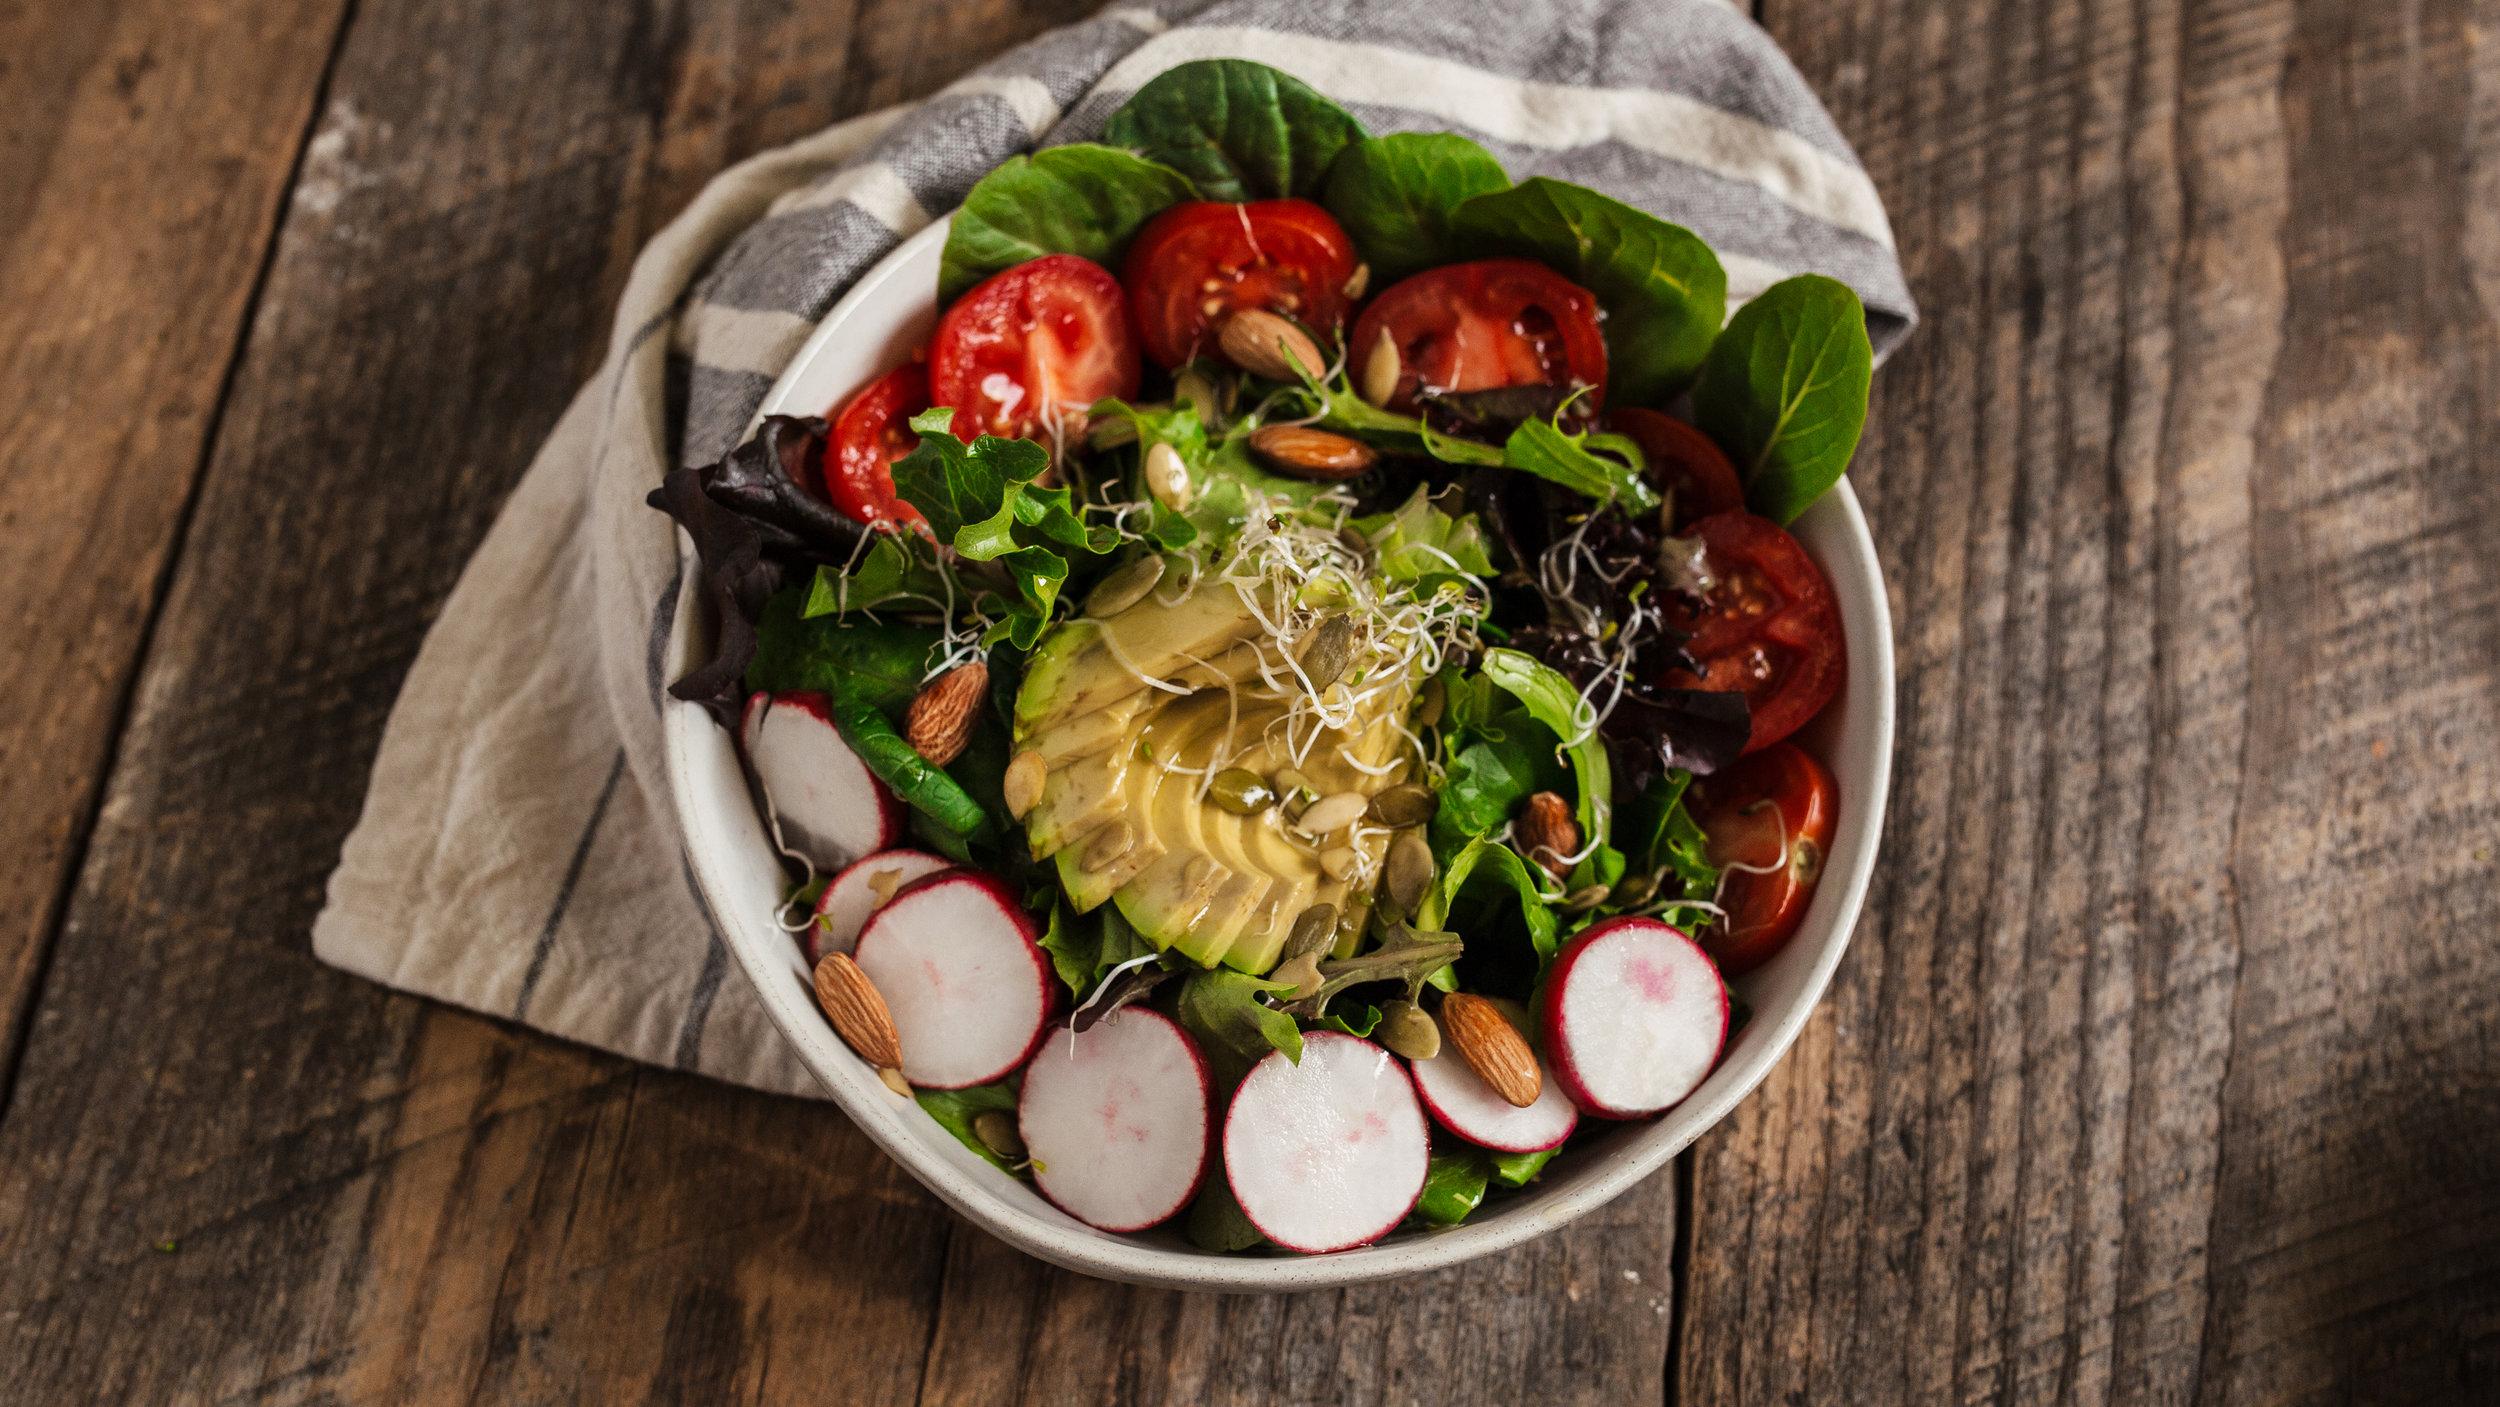 العشاء 3 - السلطة الصحية